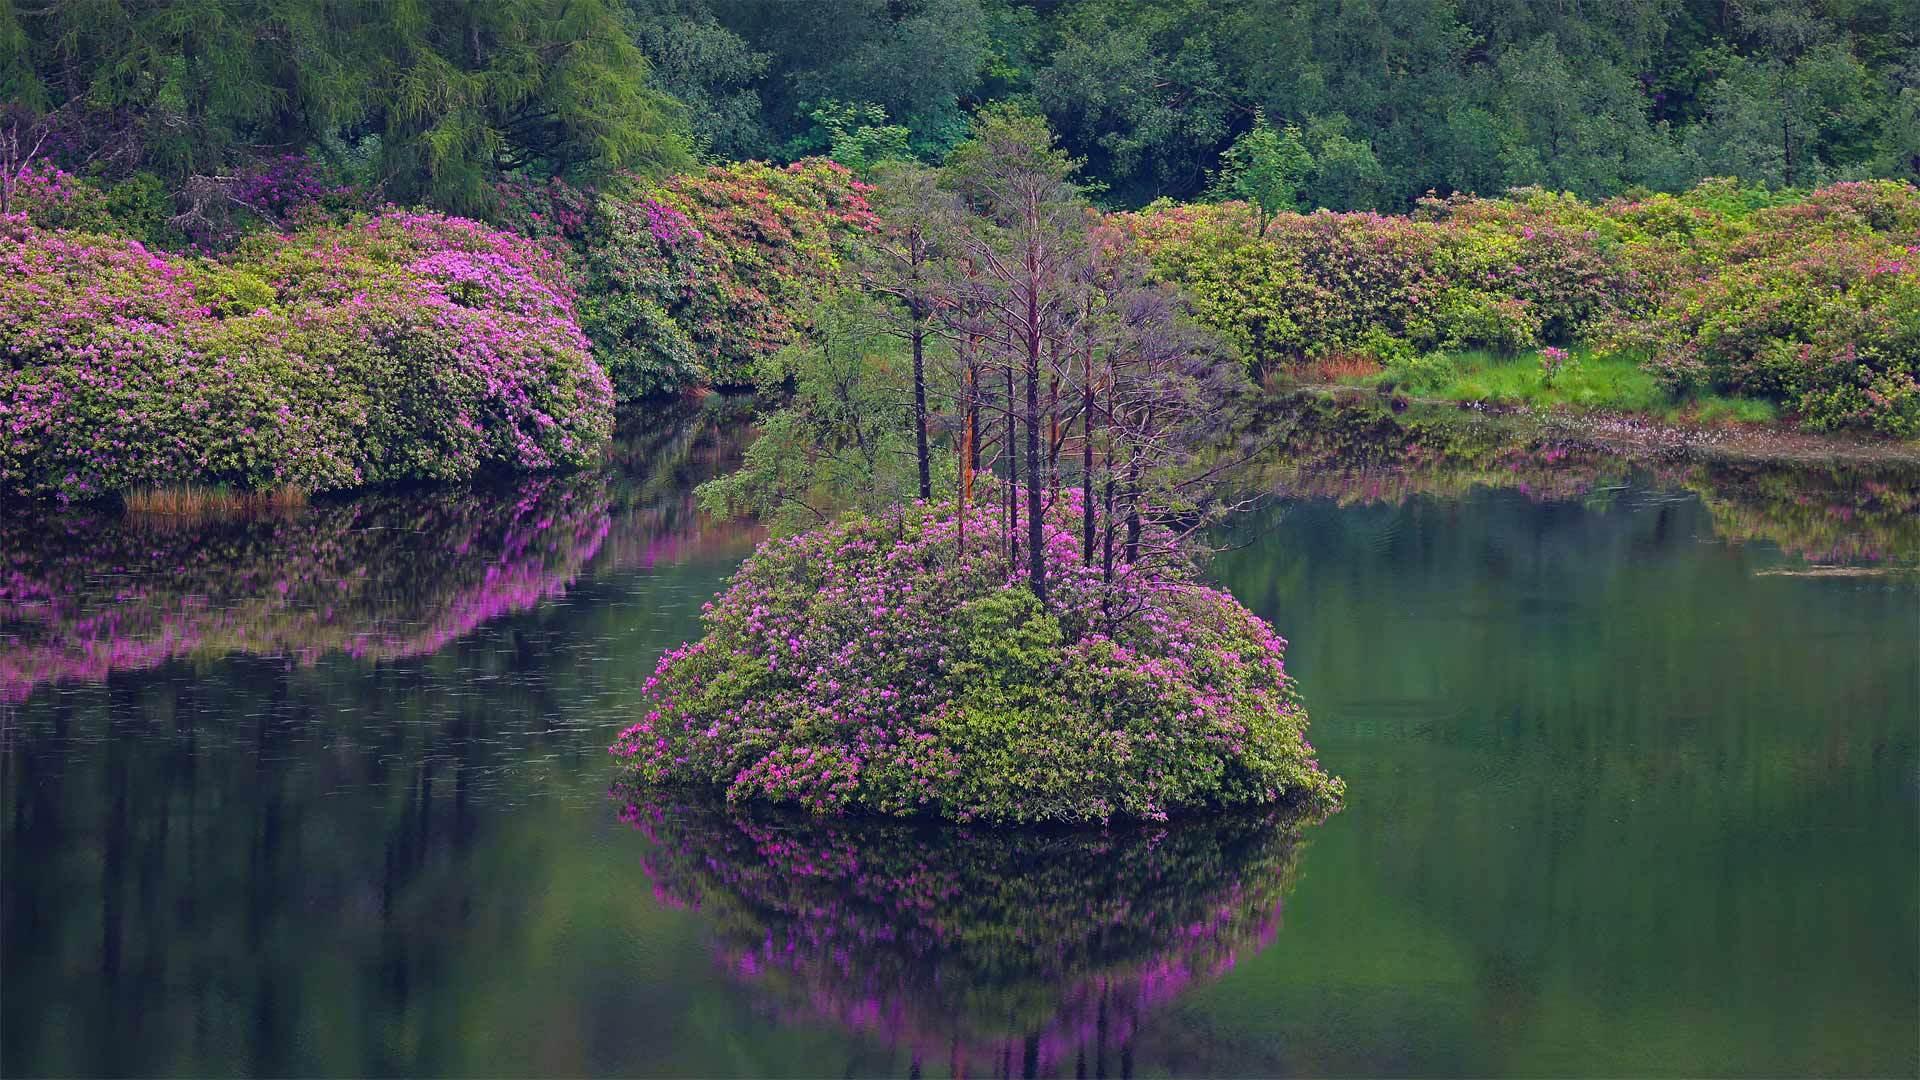 格伦·埃蒂夫盛开着石南花的小湖石南花